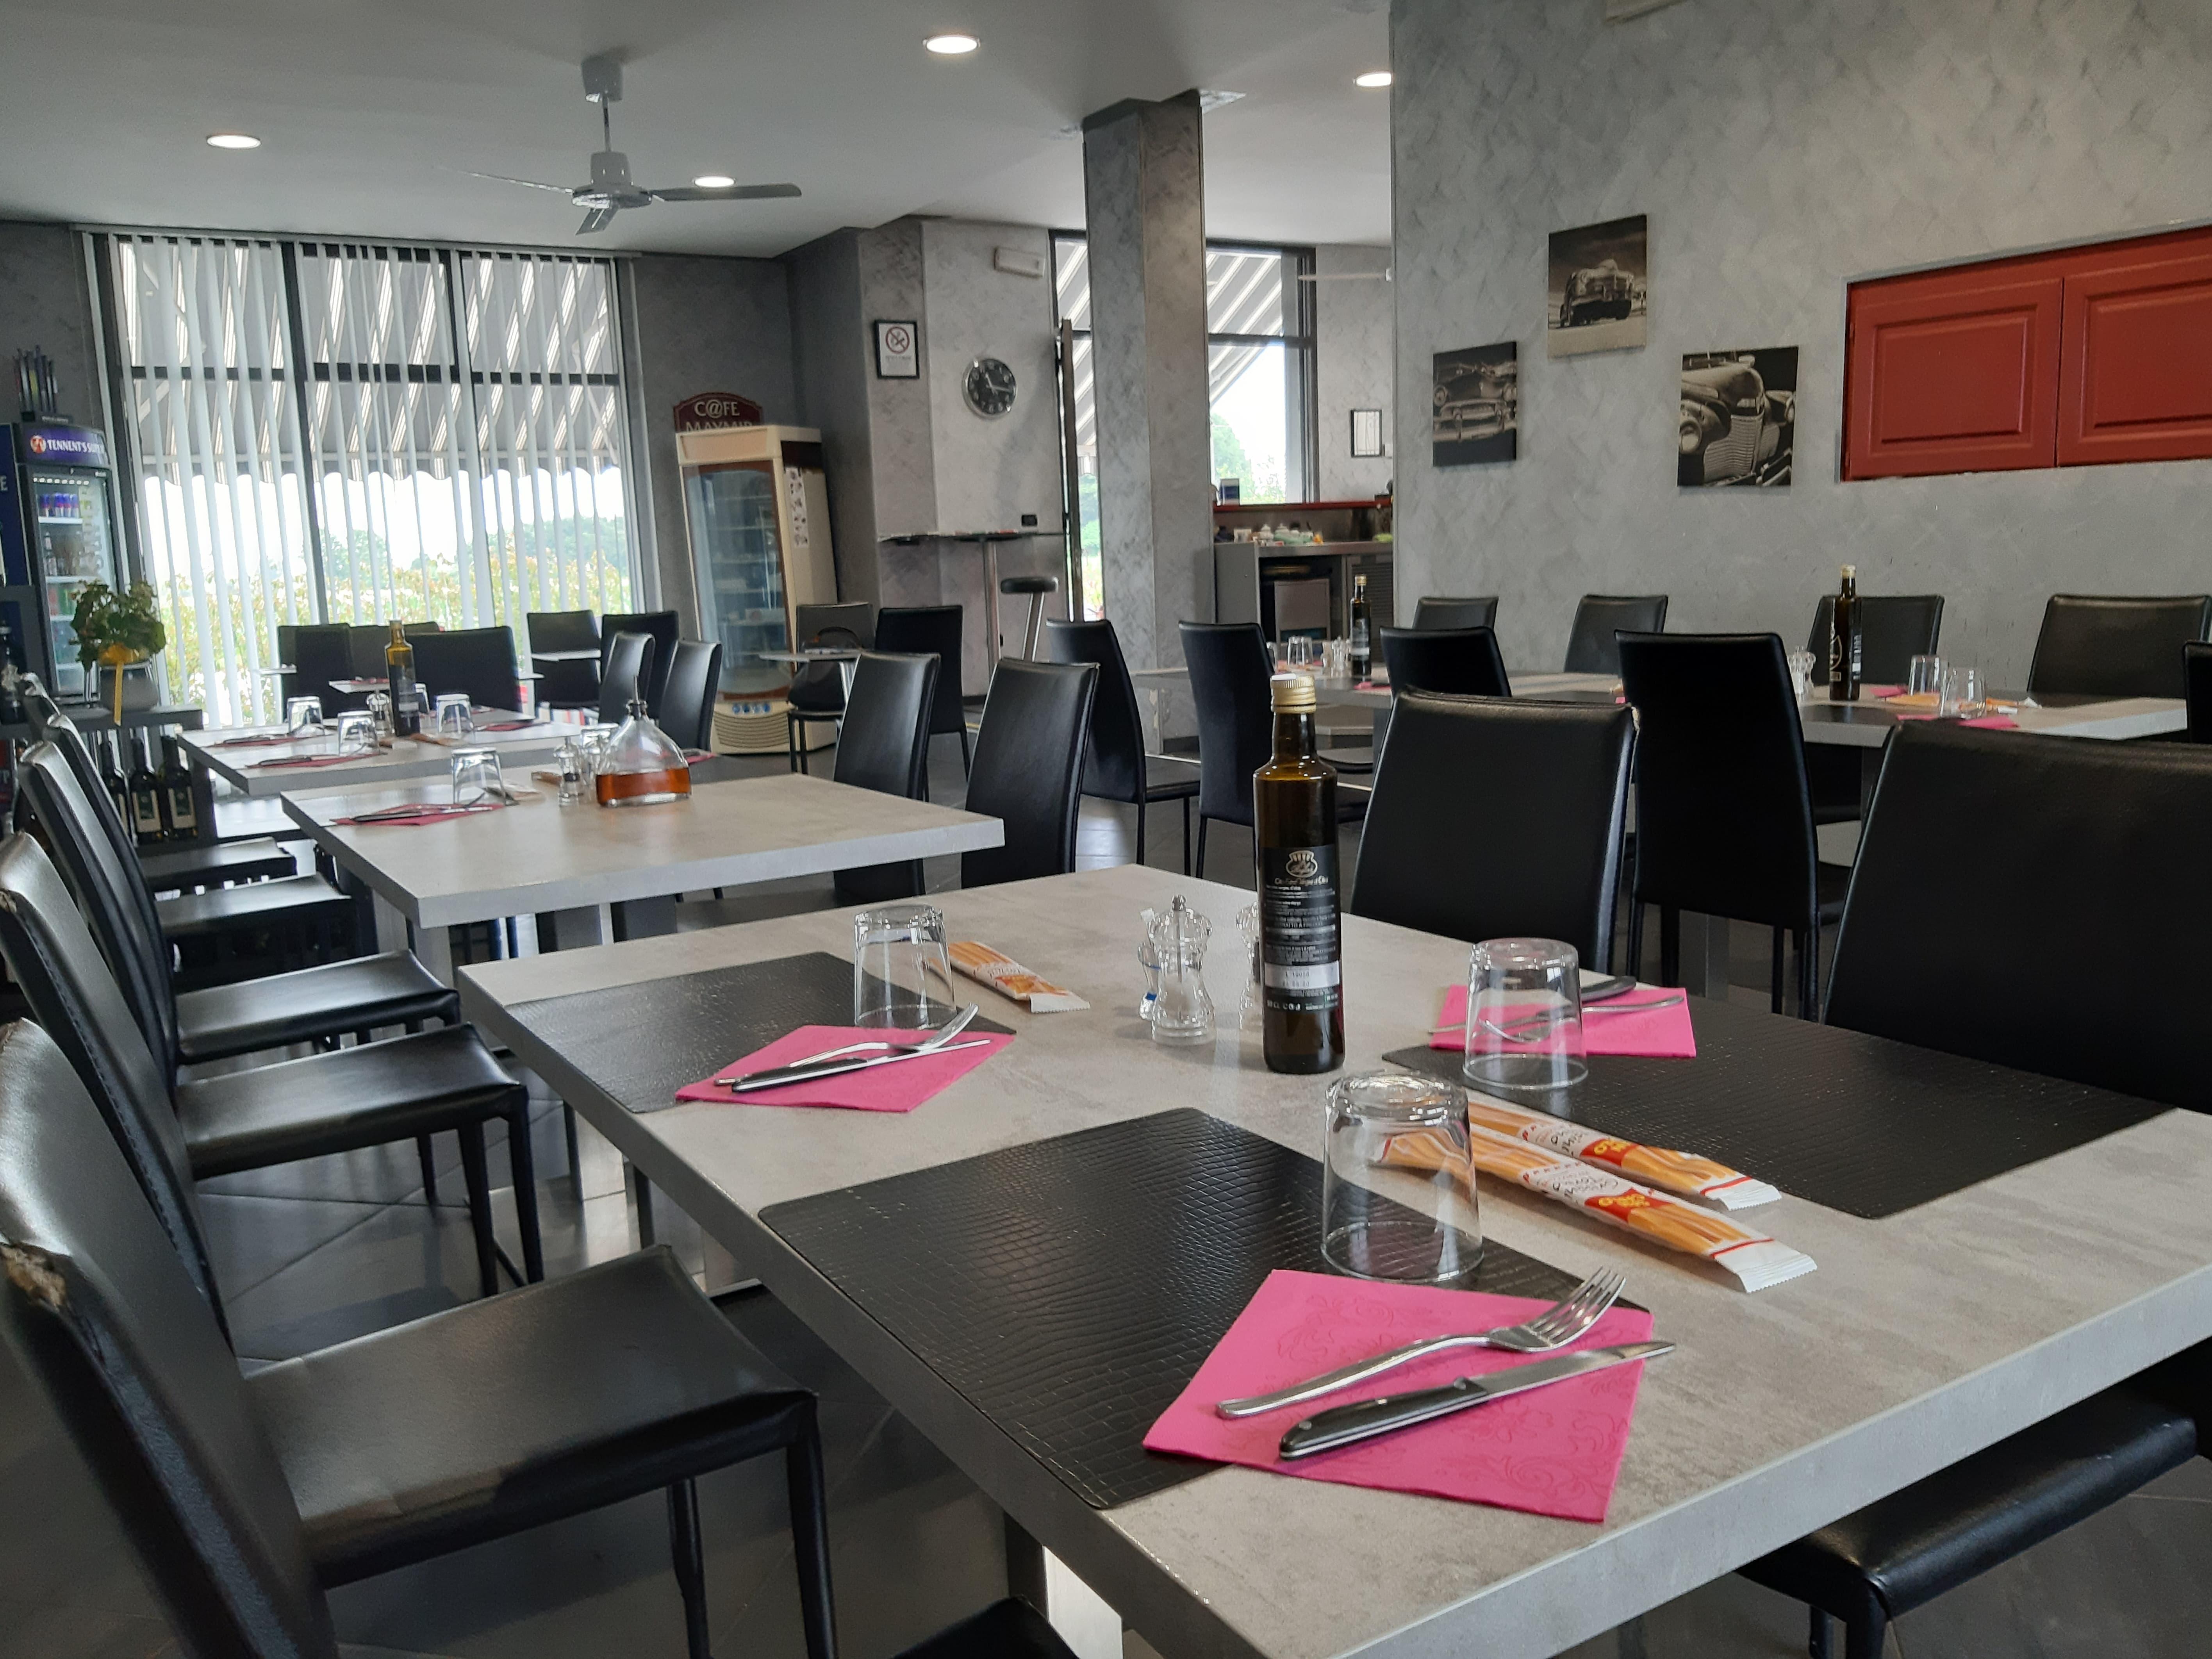 Ristorante gourmet 120 m²